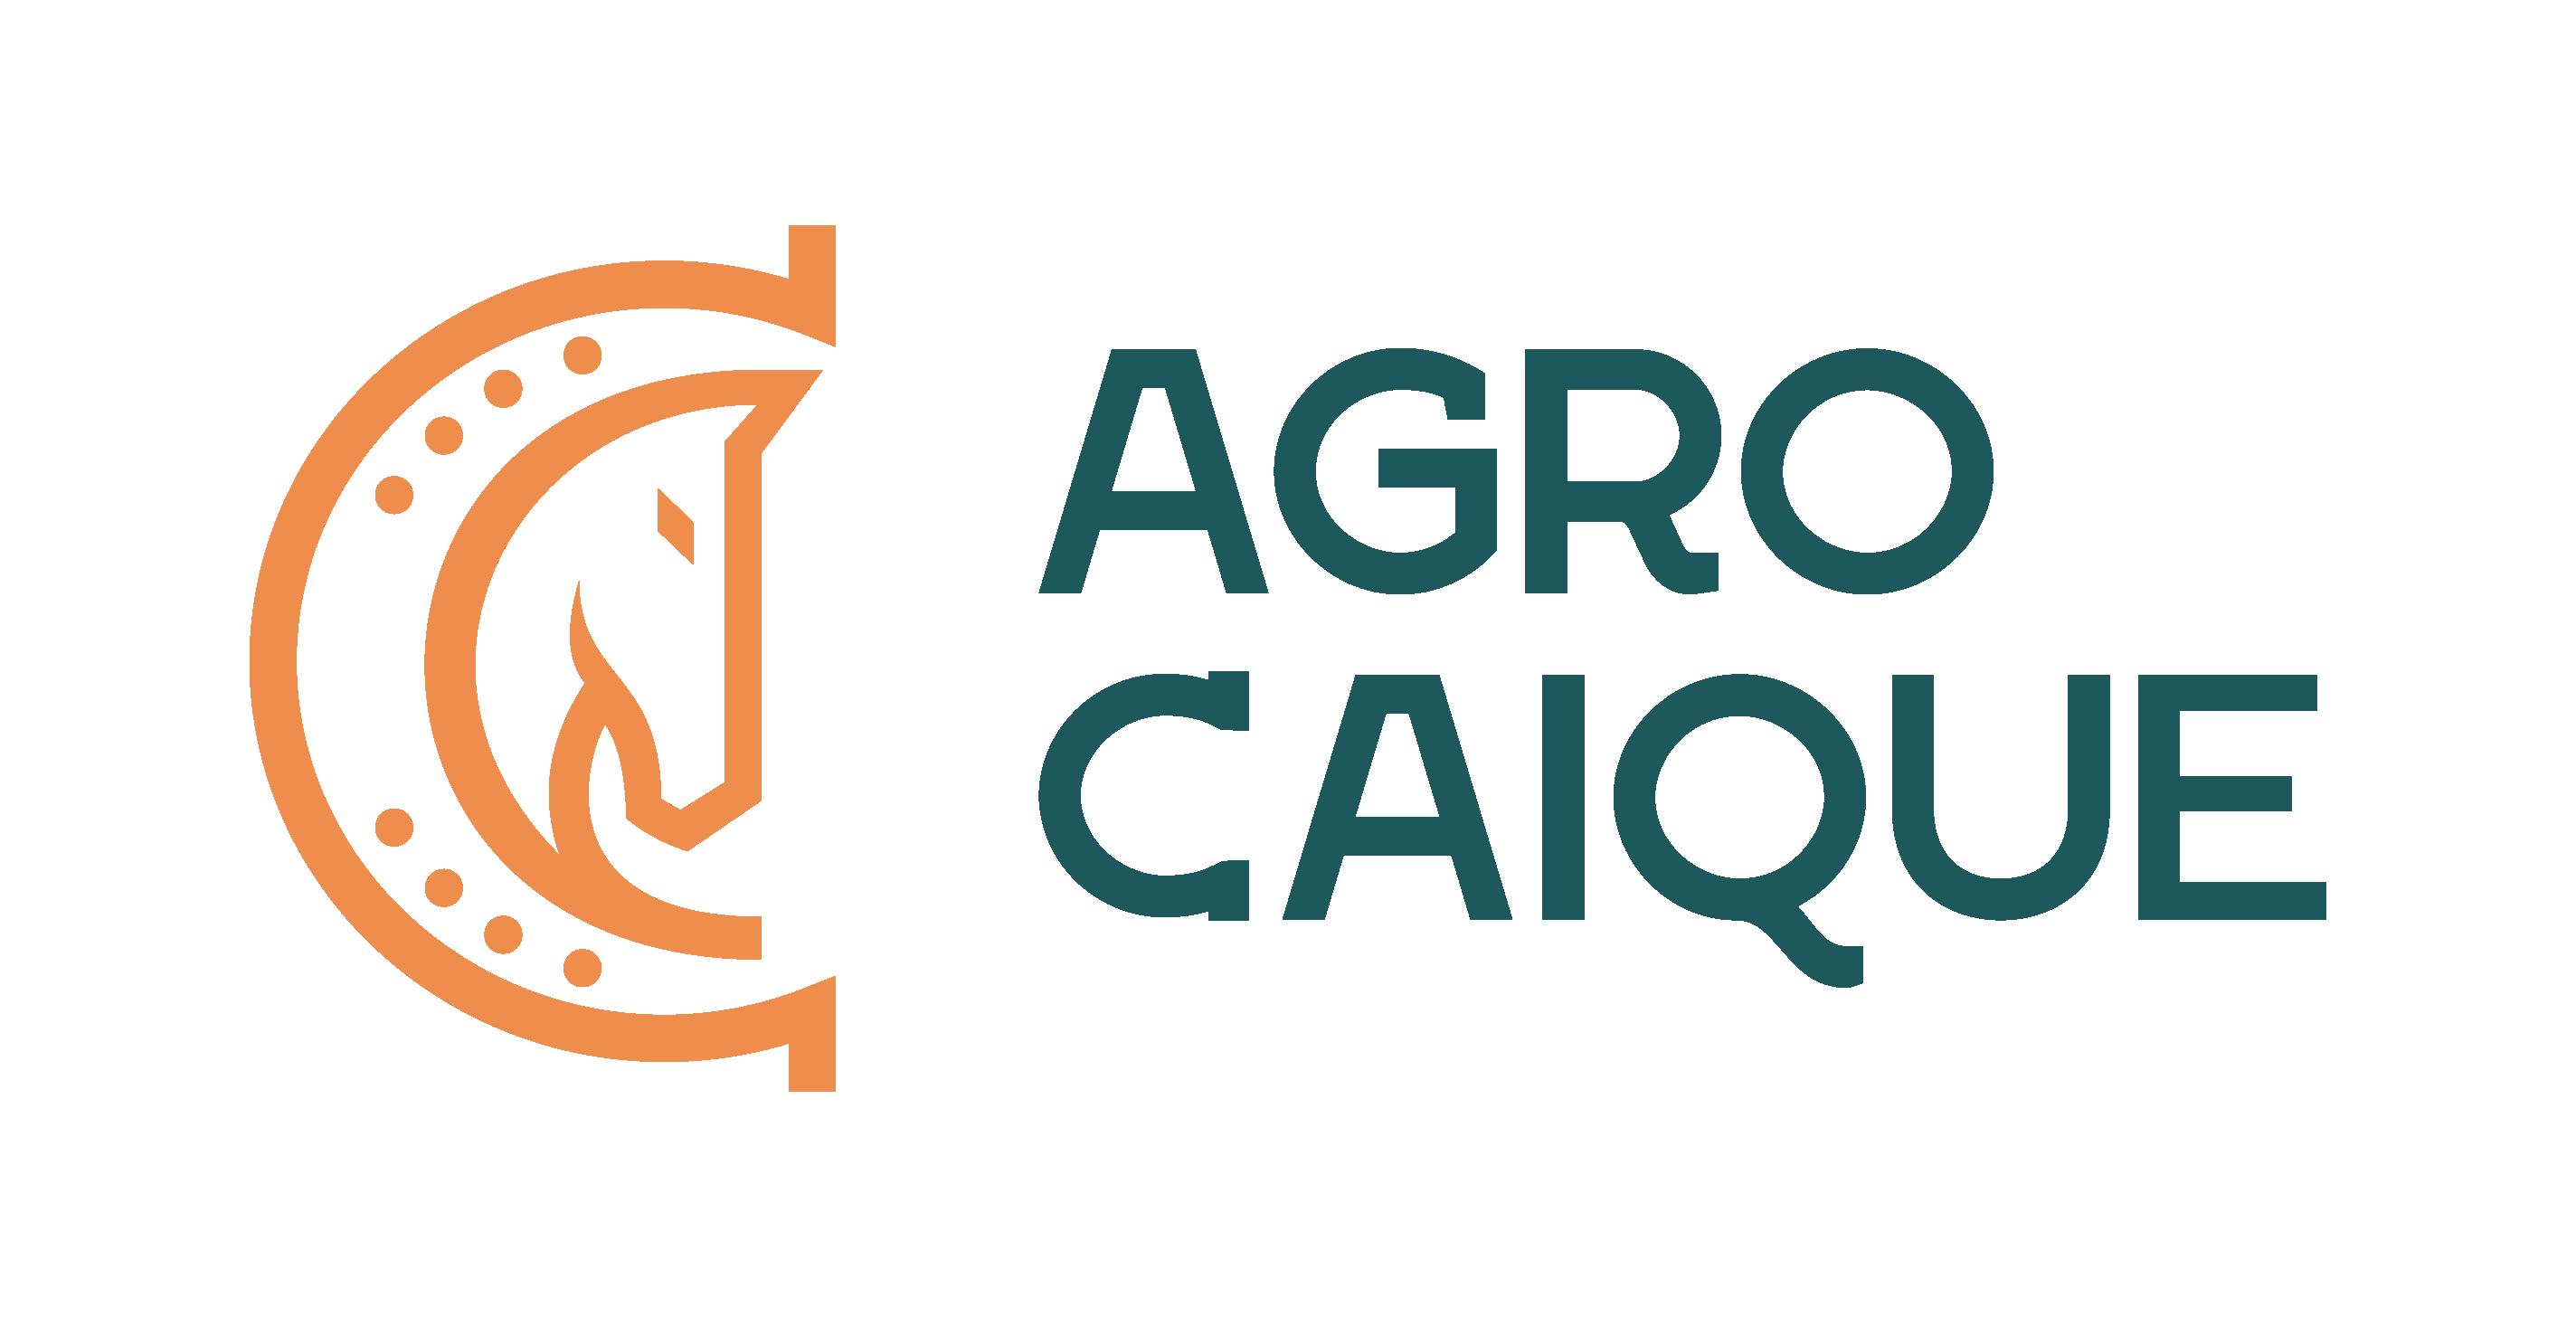 Agro Caique